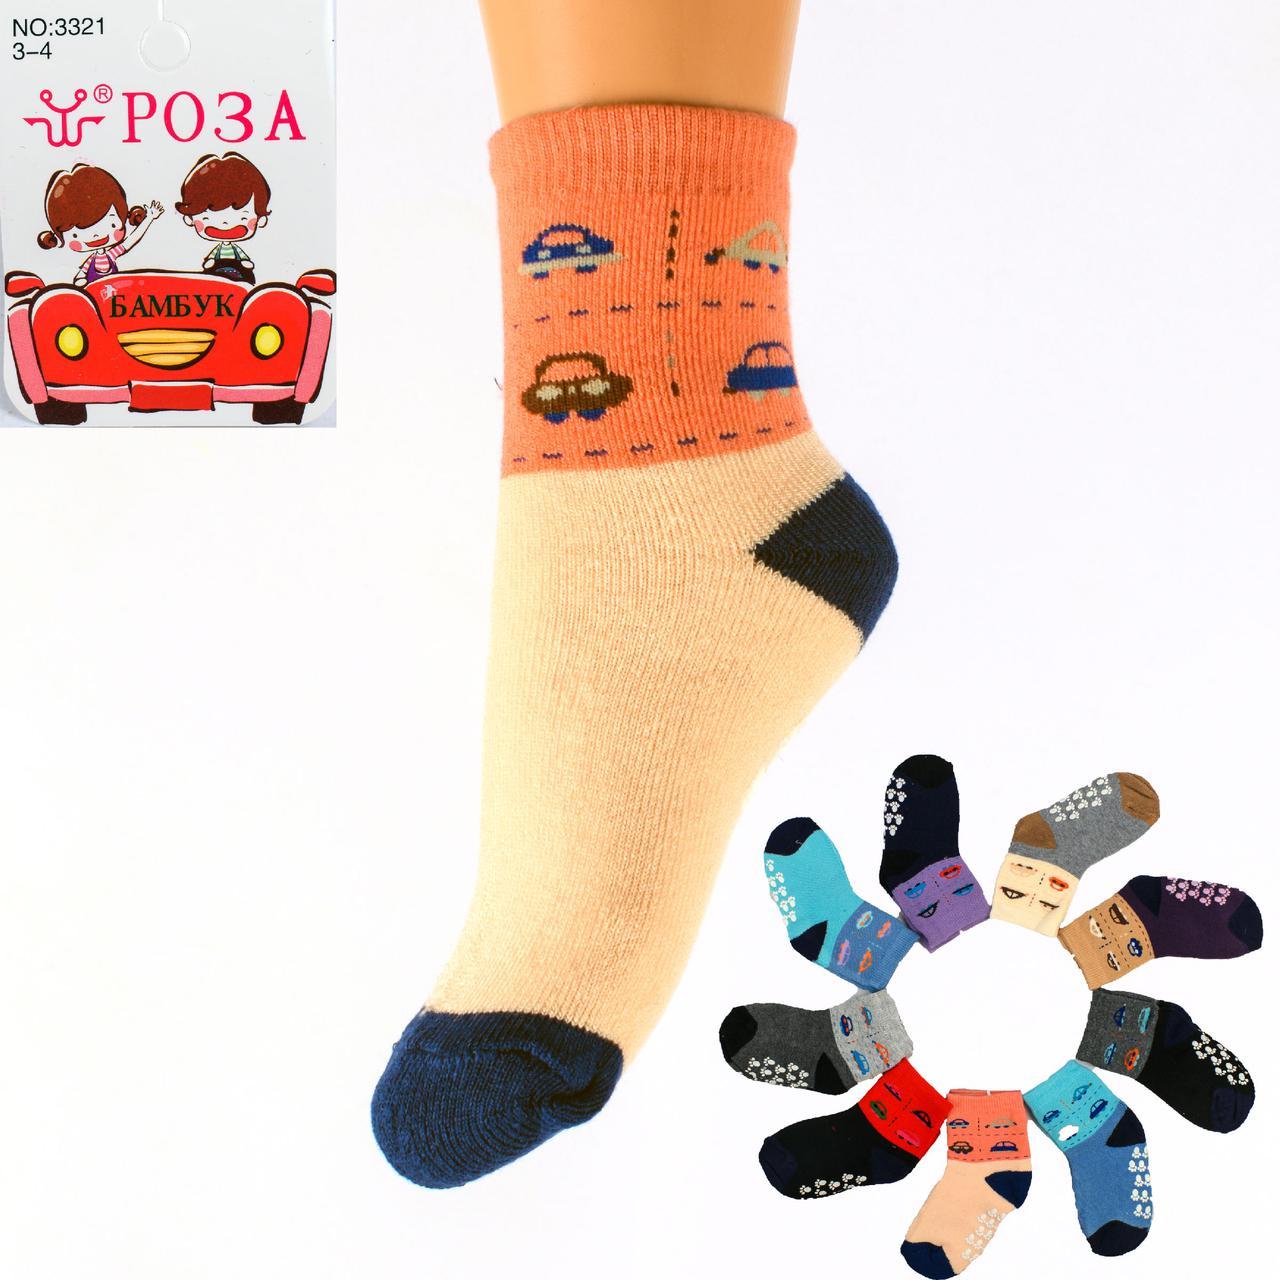 Детские махровые носочки с тормозами Roza 3321 3-4. В упаковке 12 пар